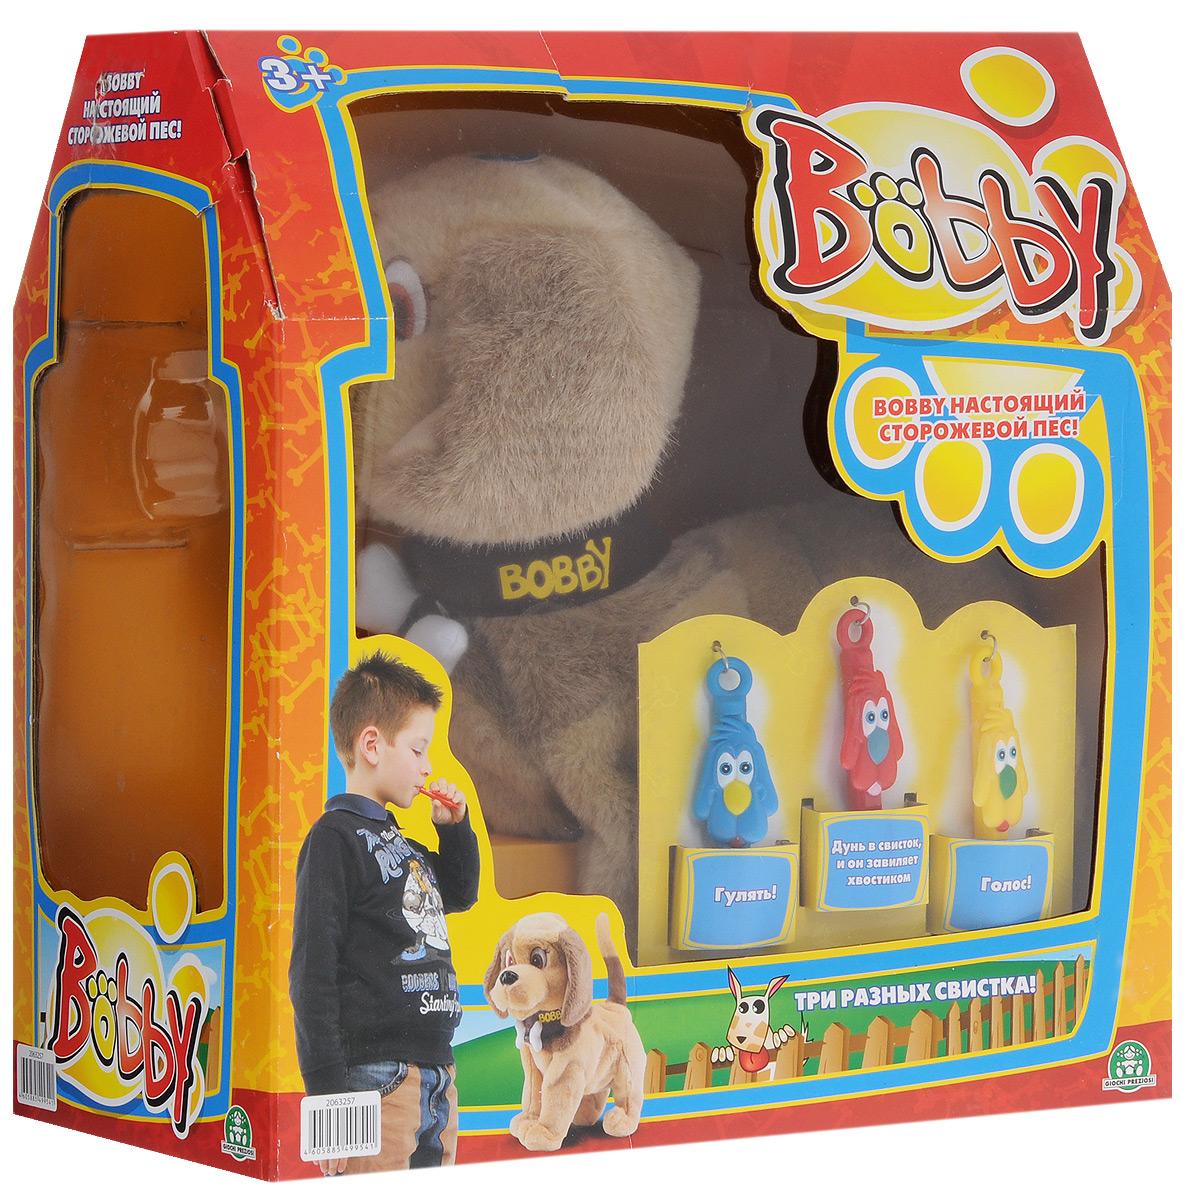 """Интерактивная игрушка """"Сторожевой пес Bobby"""", цвет: бежевый"""